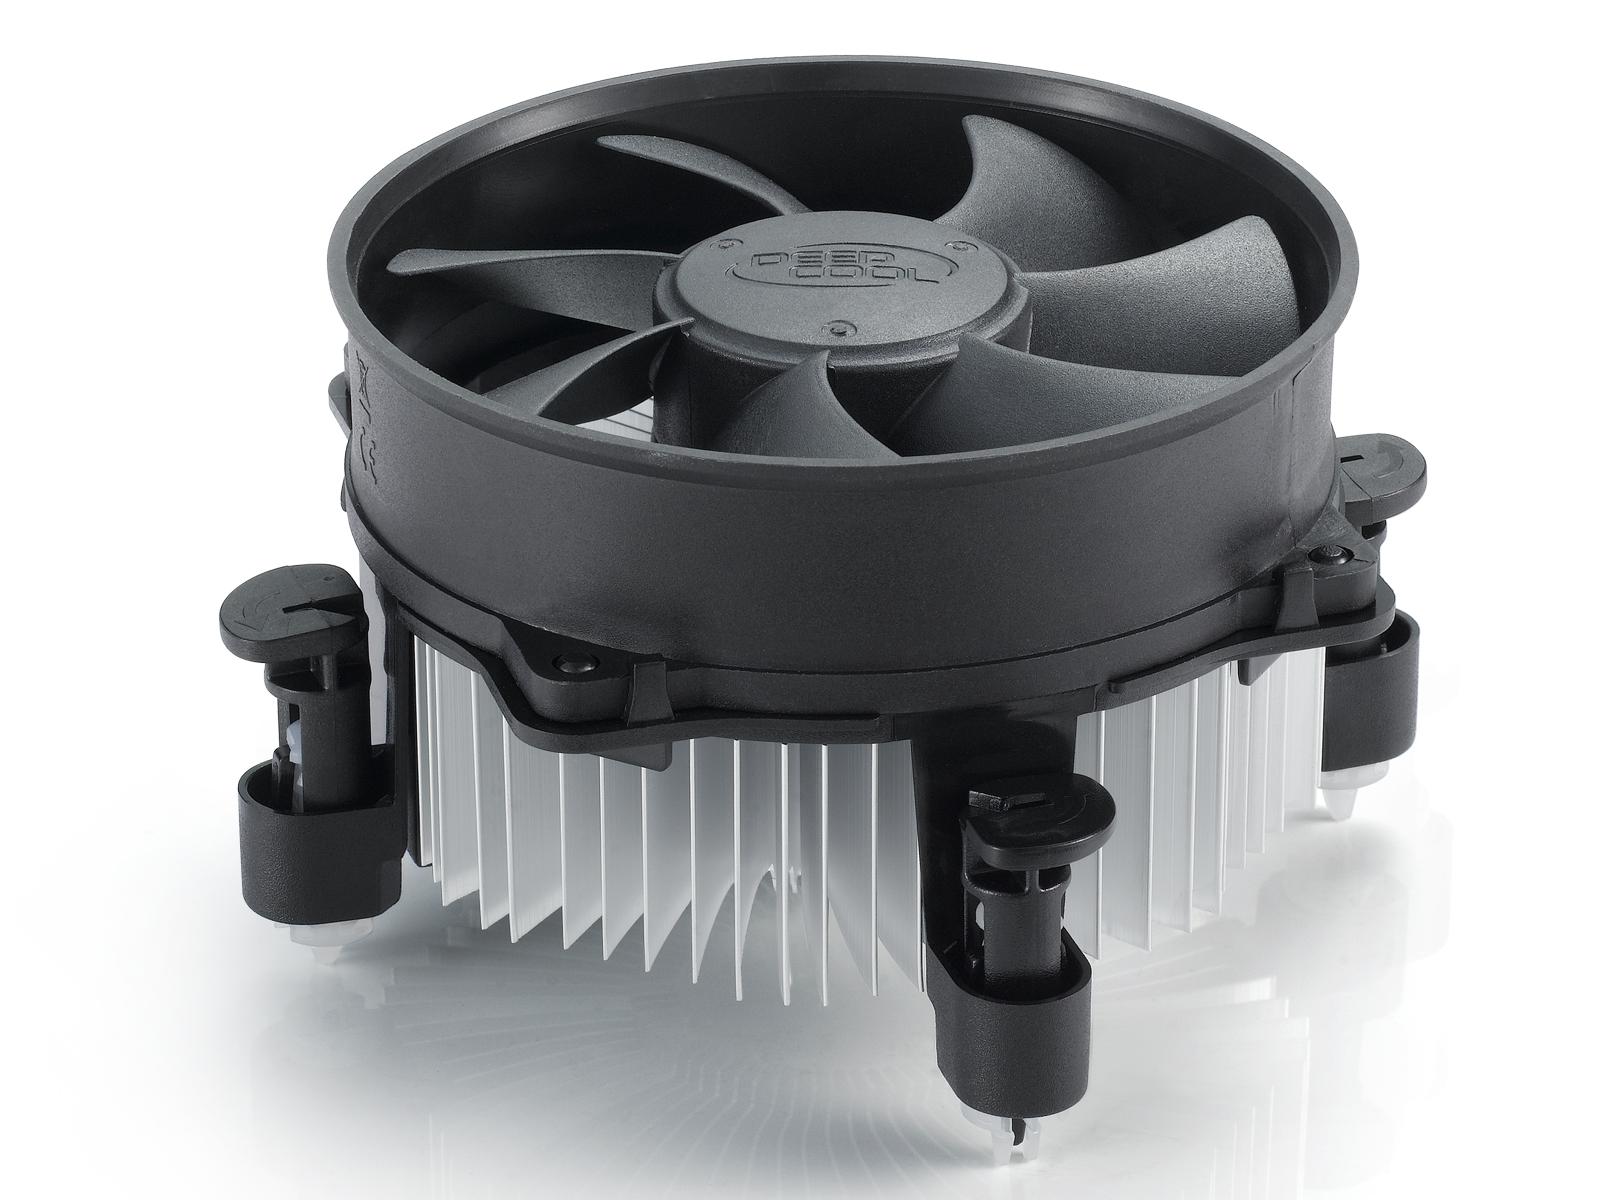 Купить Кулер для процесора Deepcool Alta 9 (ALTA 9)